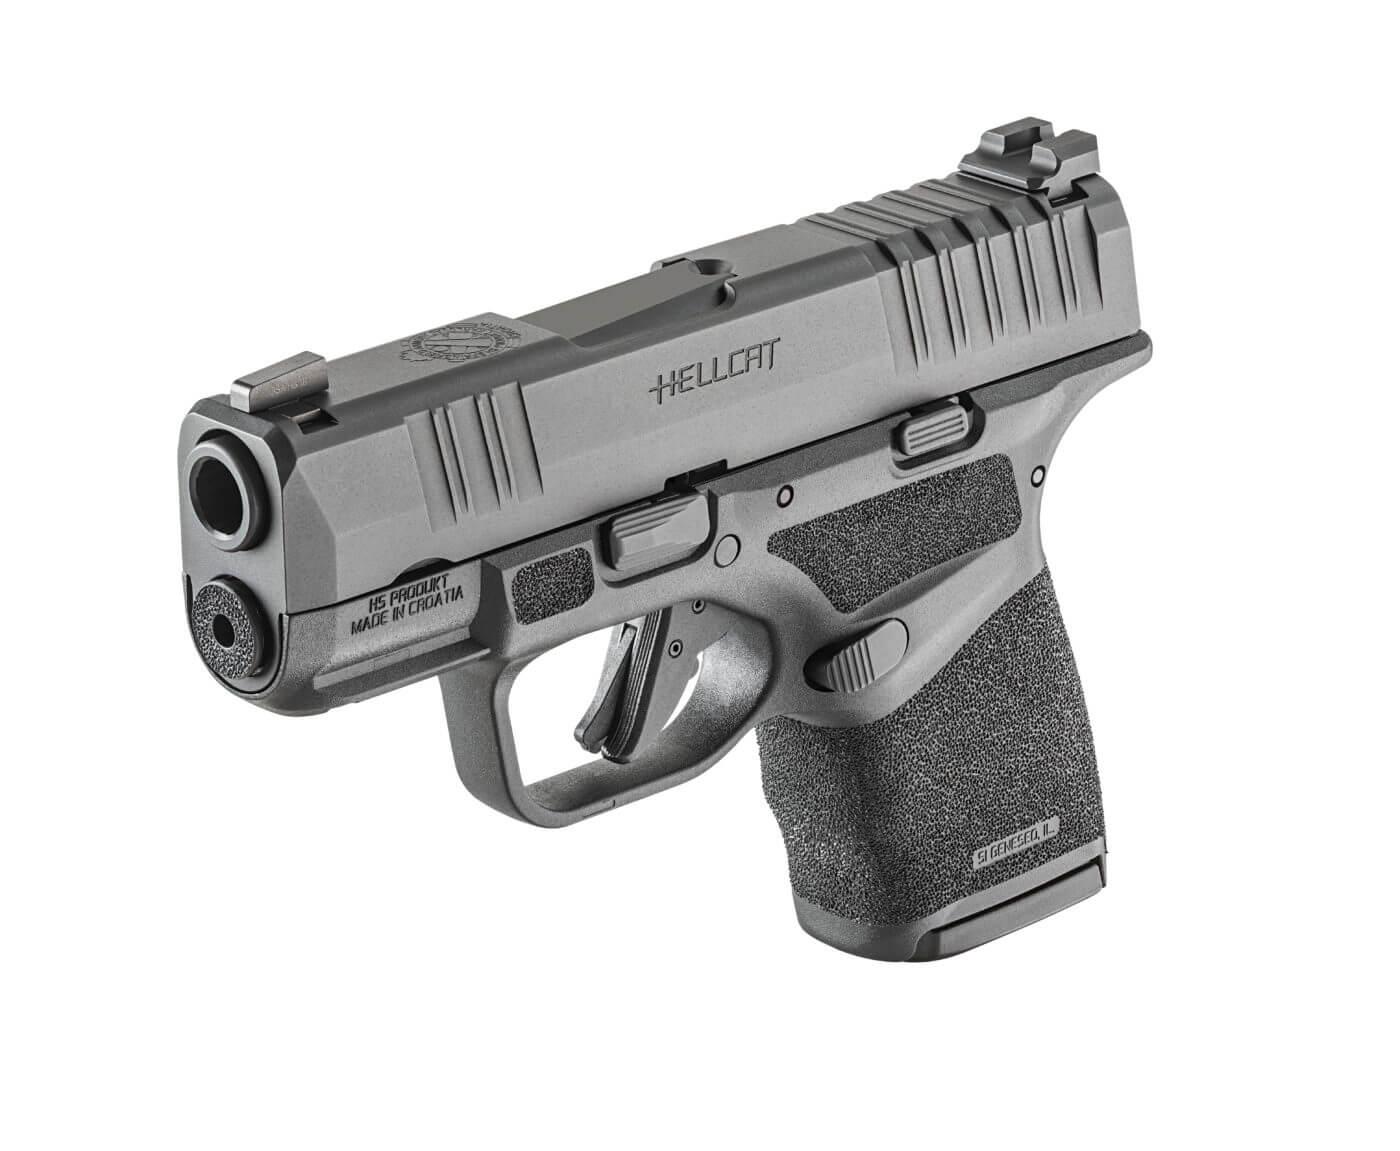 Backup gun, the Springfield Hellcat pistol